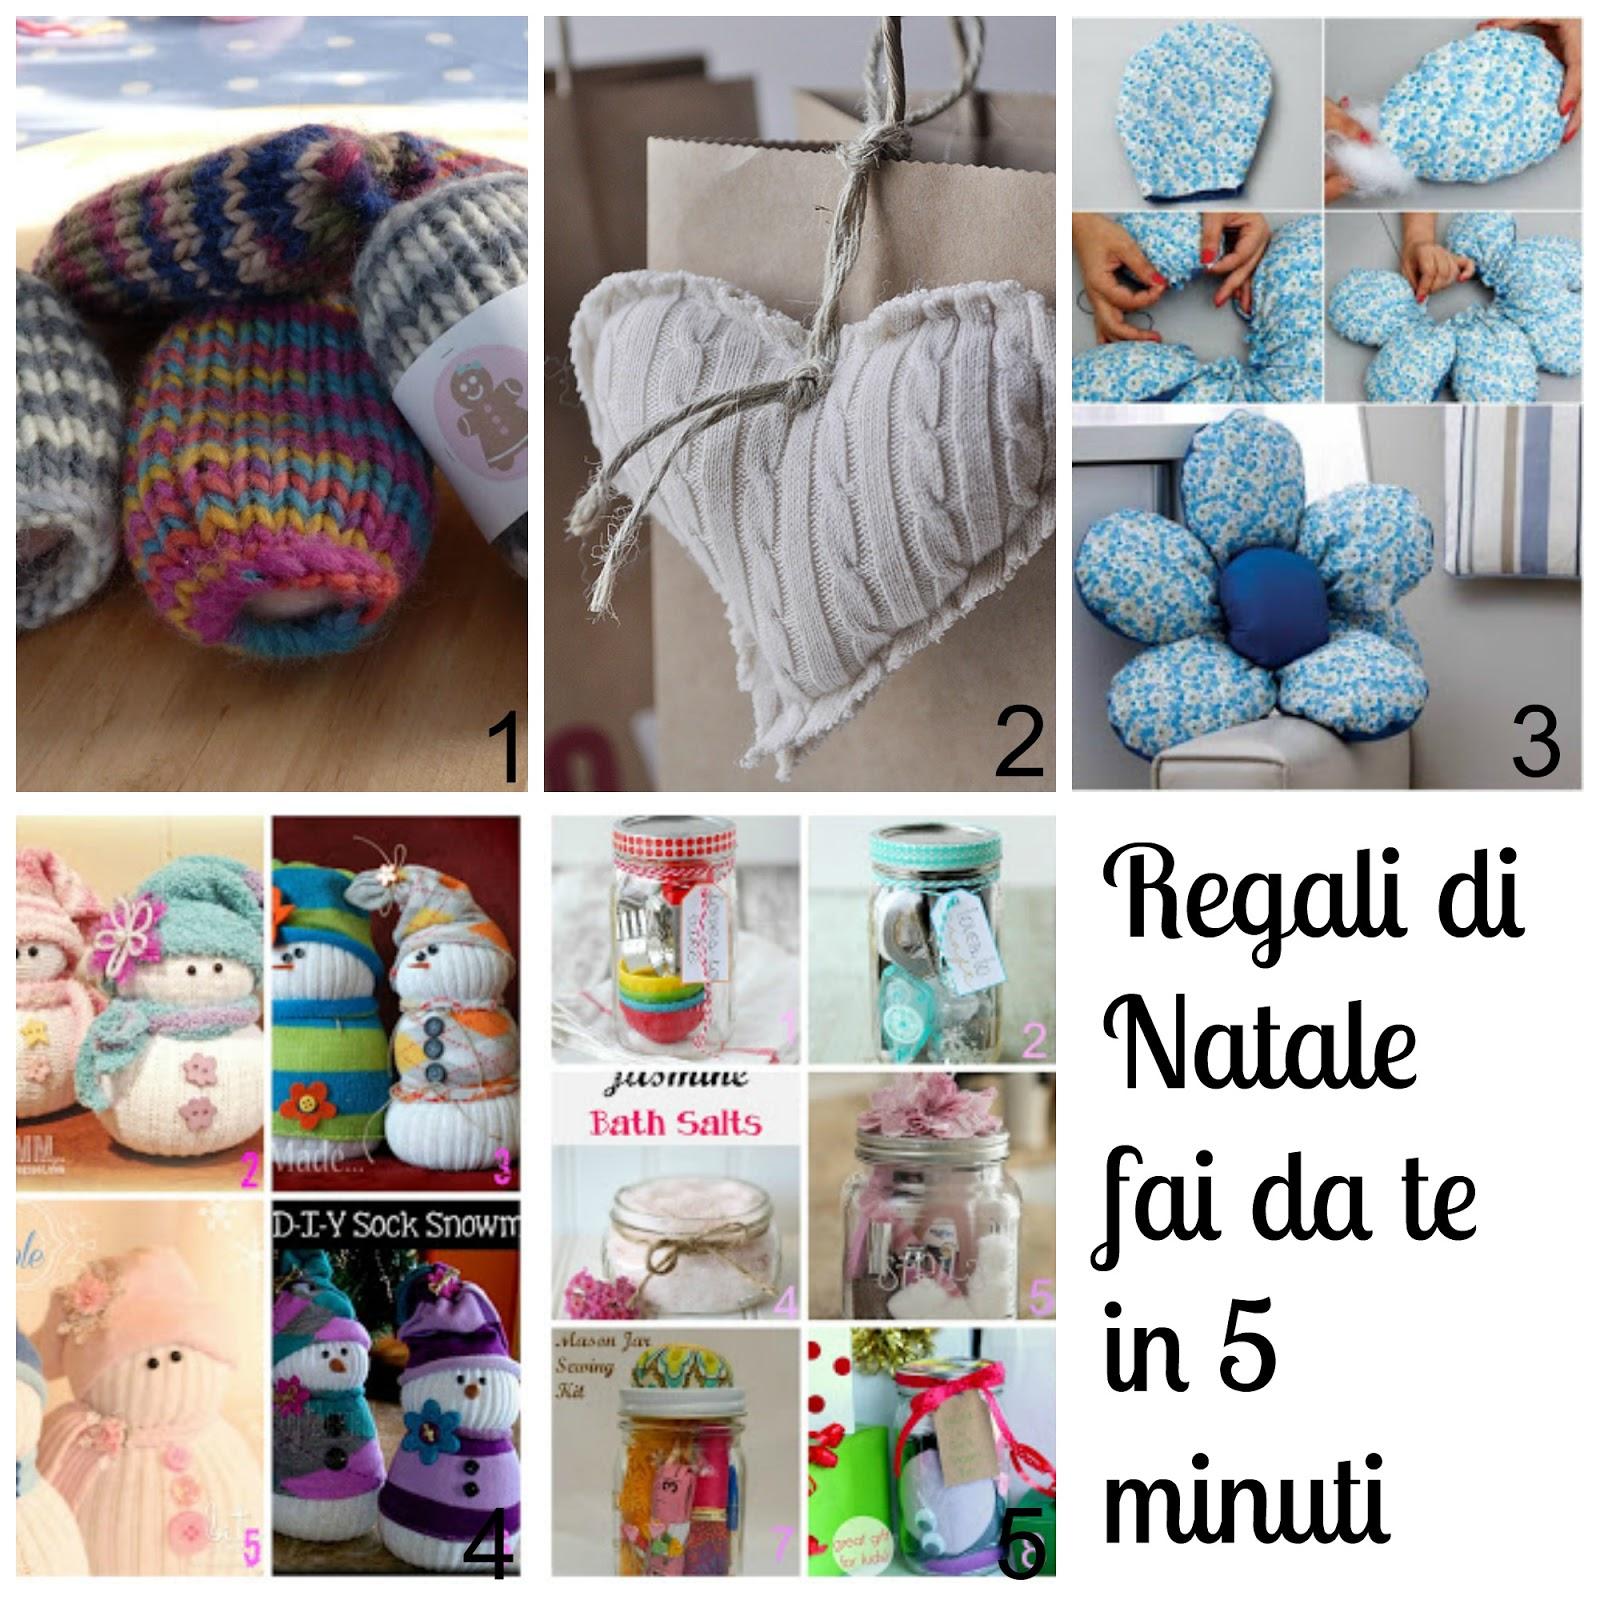 Regali di natale fai da te in 5 minuti donneinpink magazine - Pacchetti natalizi fai da te ...